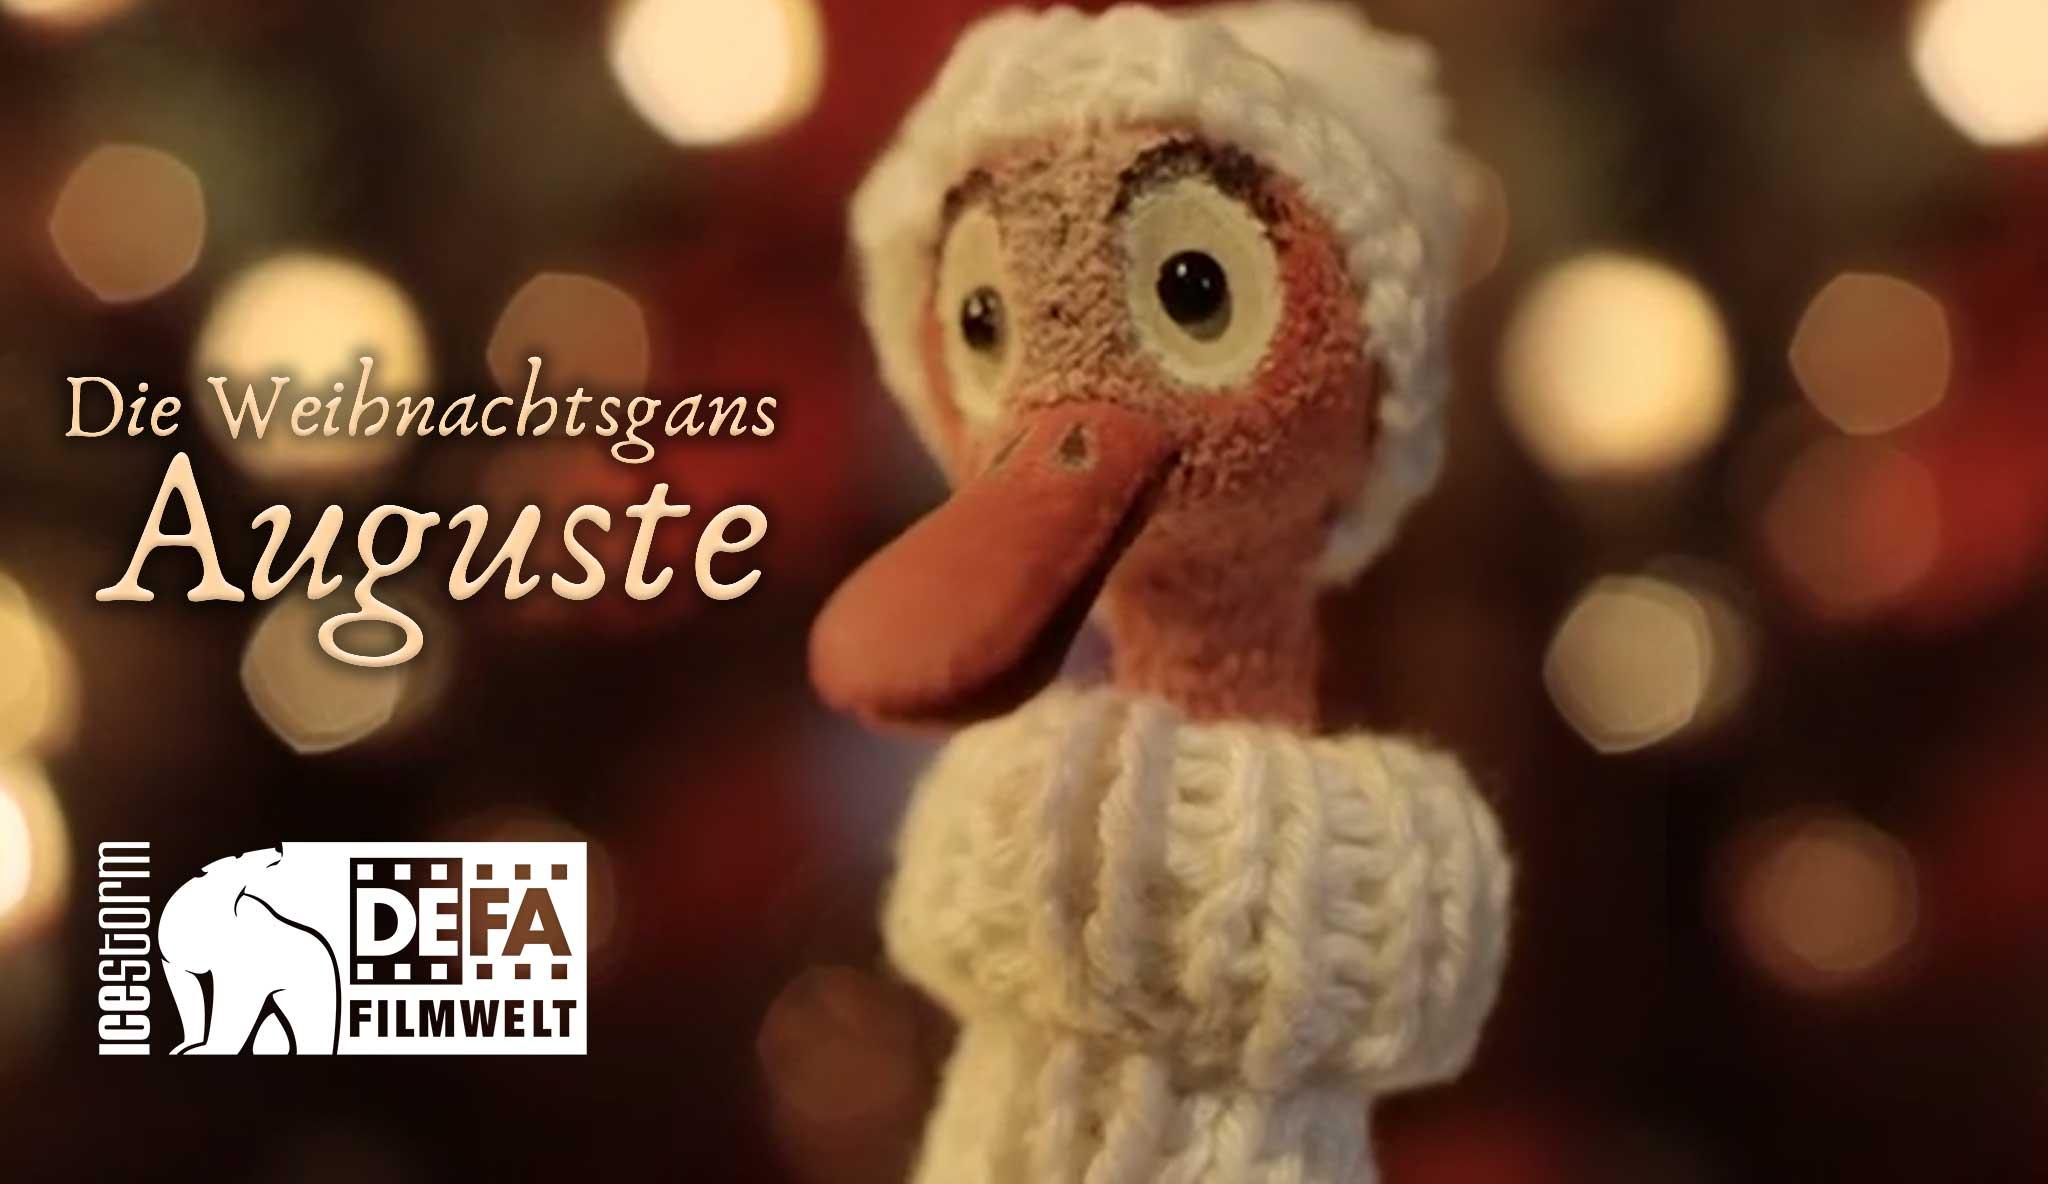 die-weihnachtsgans-auguste\header.jpg